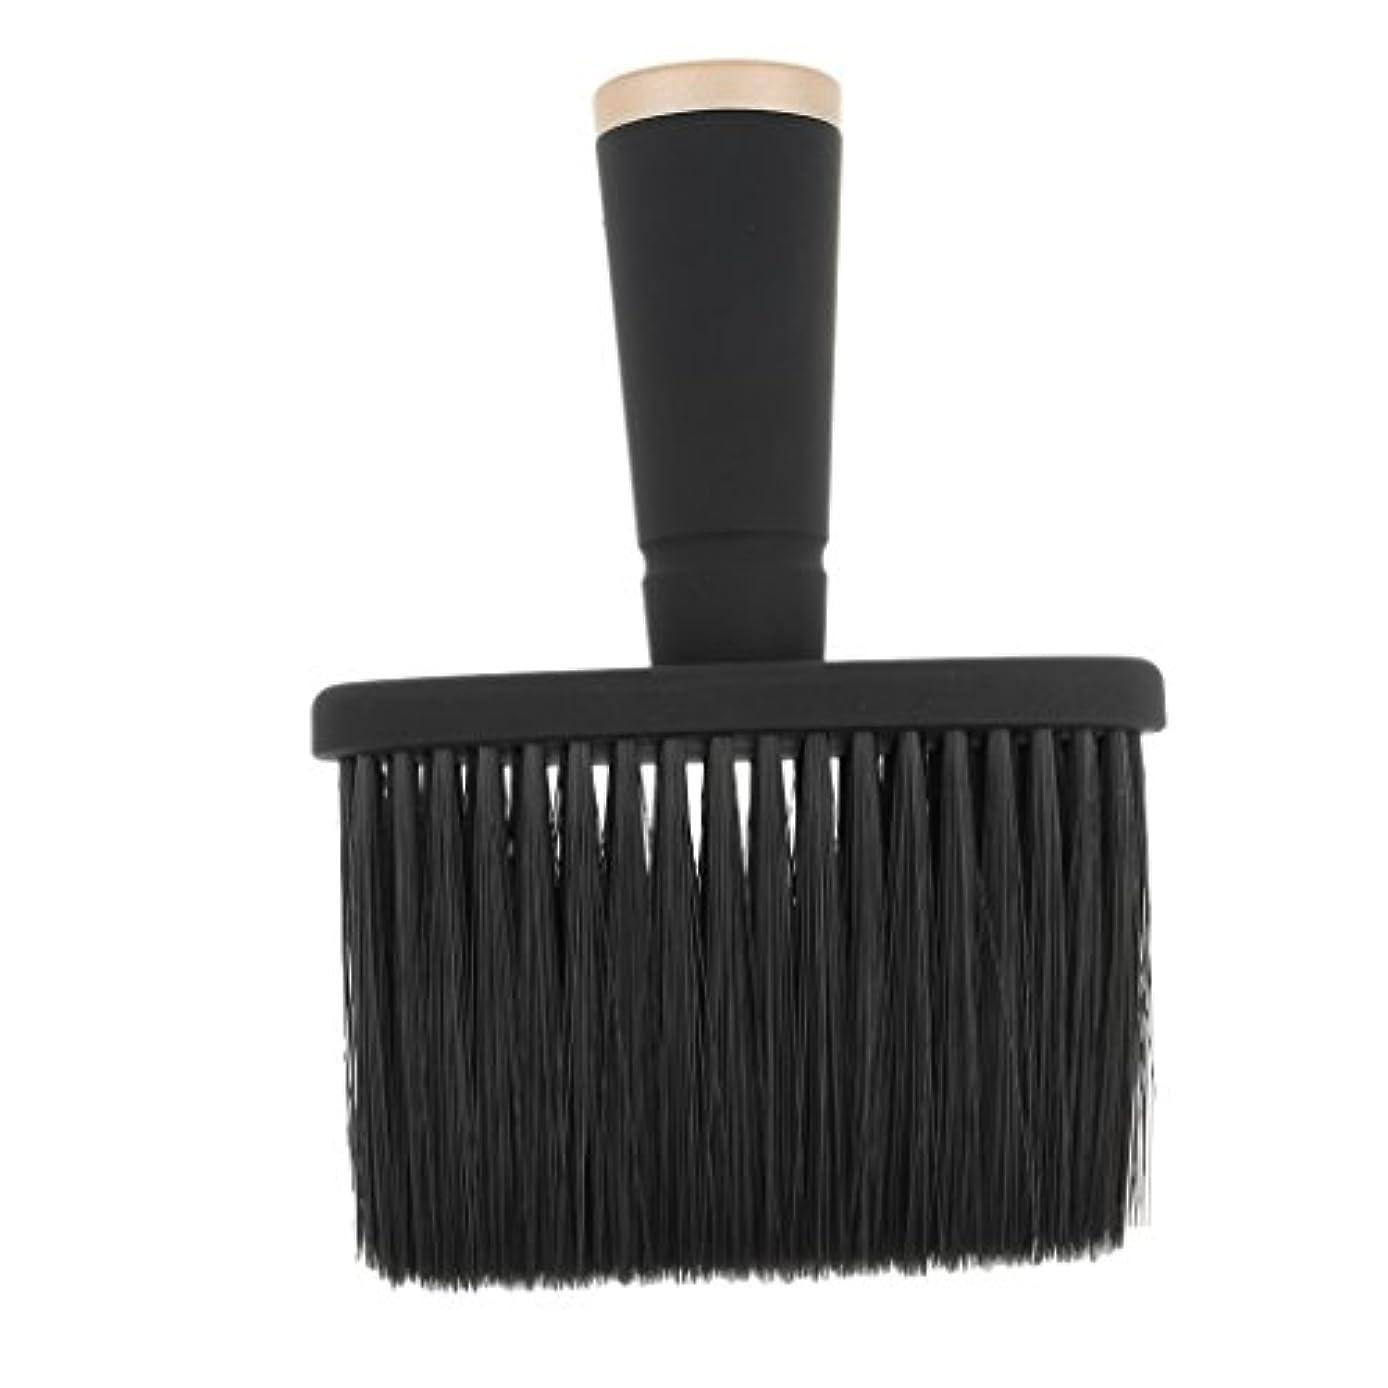 可動調和のとれた残り物Toygogo プロの理髪師の首のダスターのブラシ、毛の切断のための柔らかいクリーニングの表面ブラシ、携帯用設計 - ゴールド